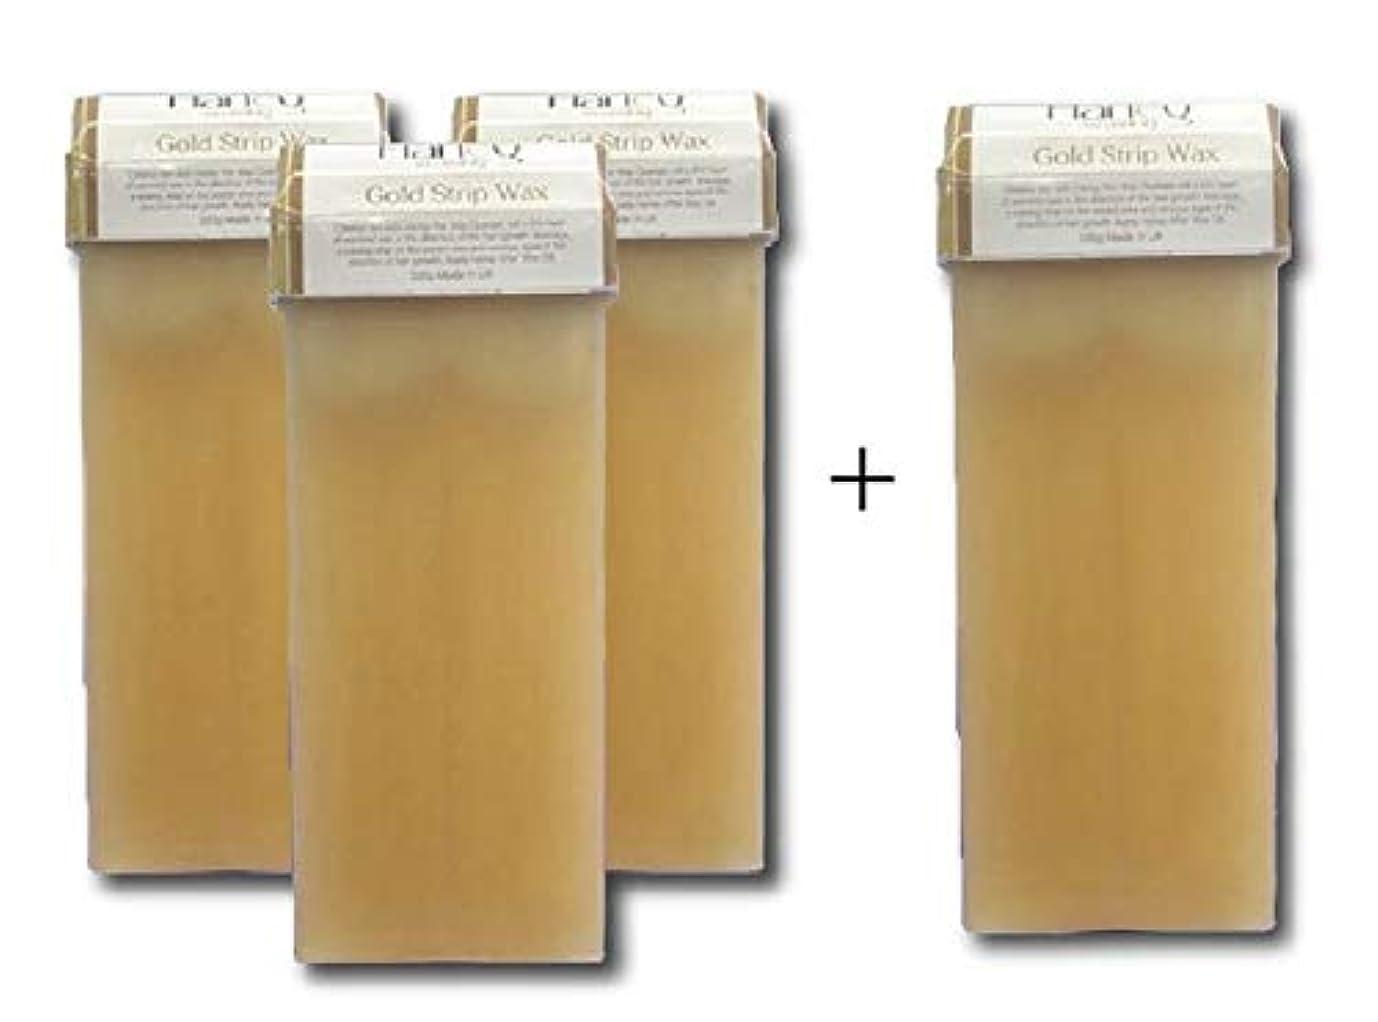 水分死の顎キリスト教セルフゴールドワックス(100g) 3本セット + 1本おまけ ブラジリアンワックス